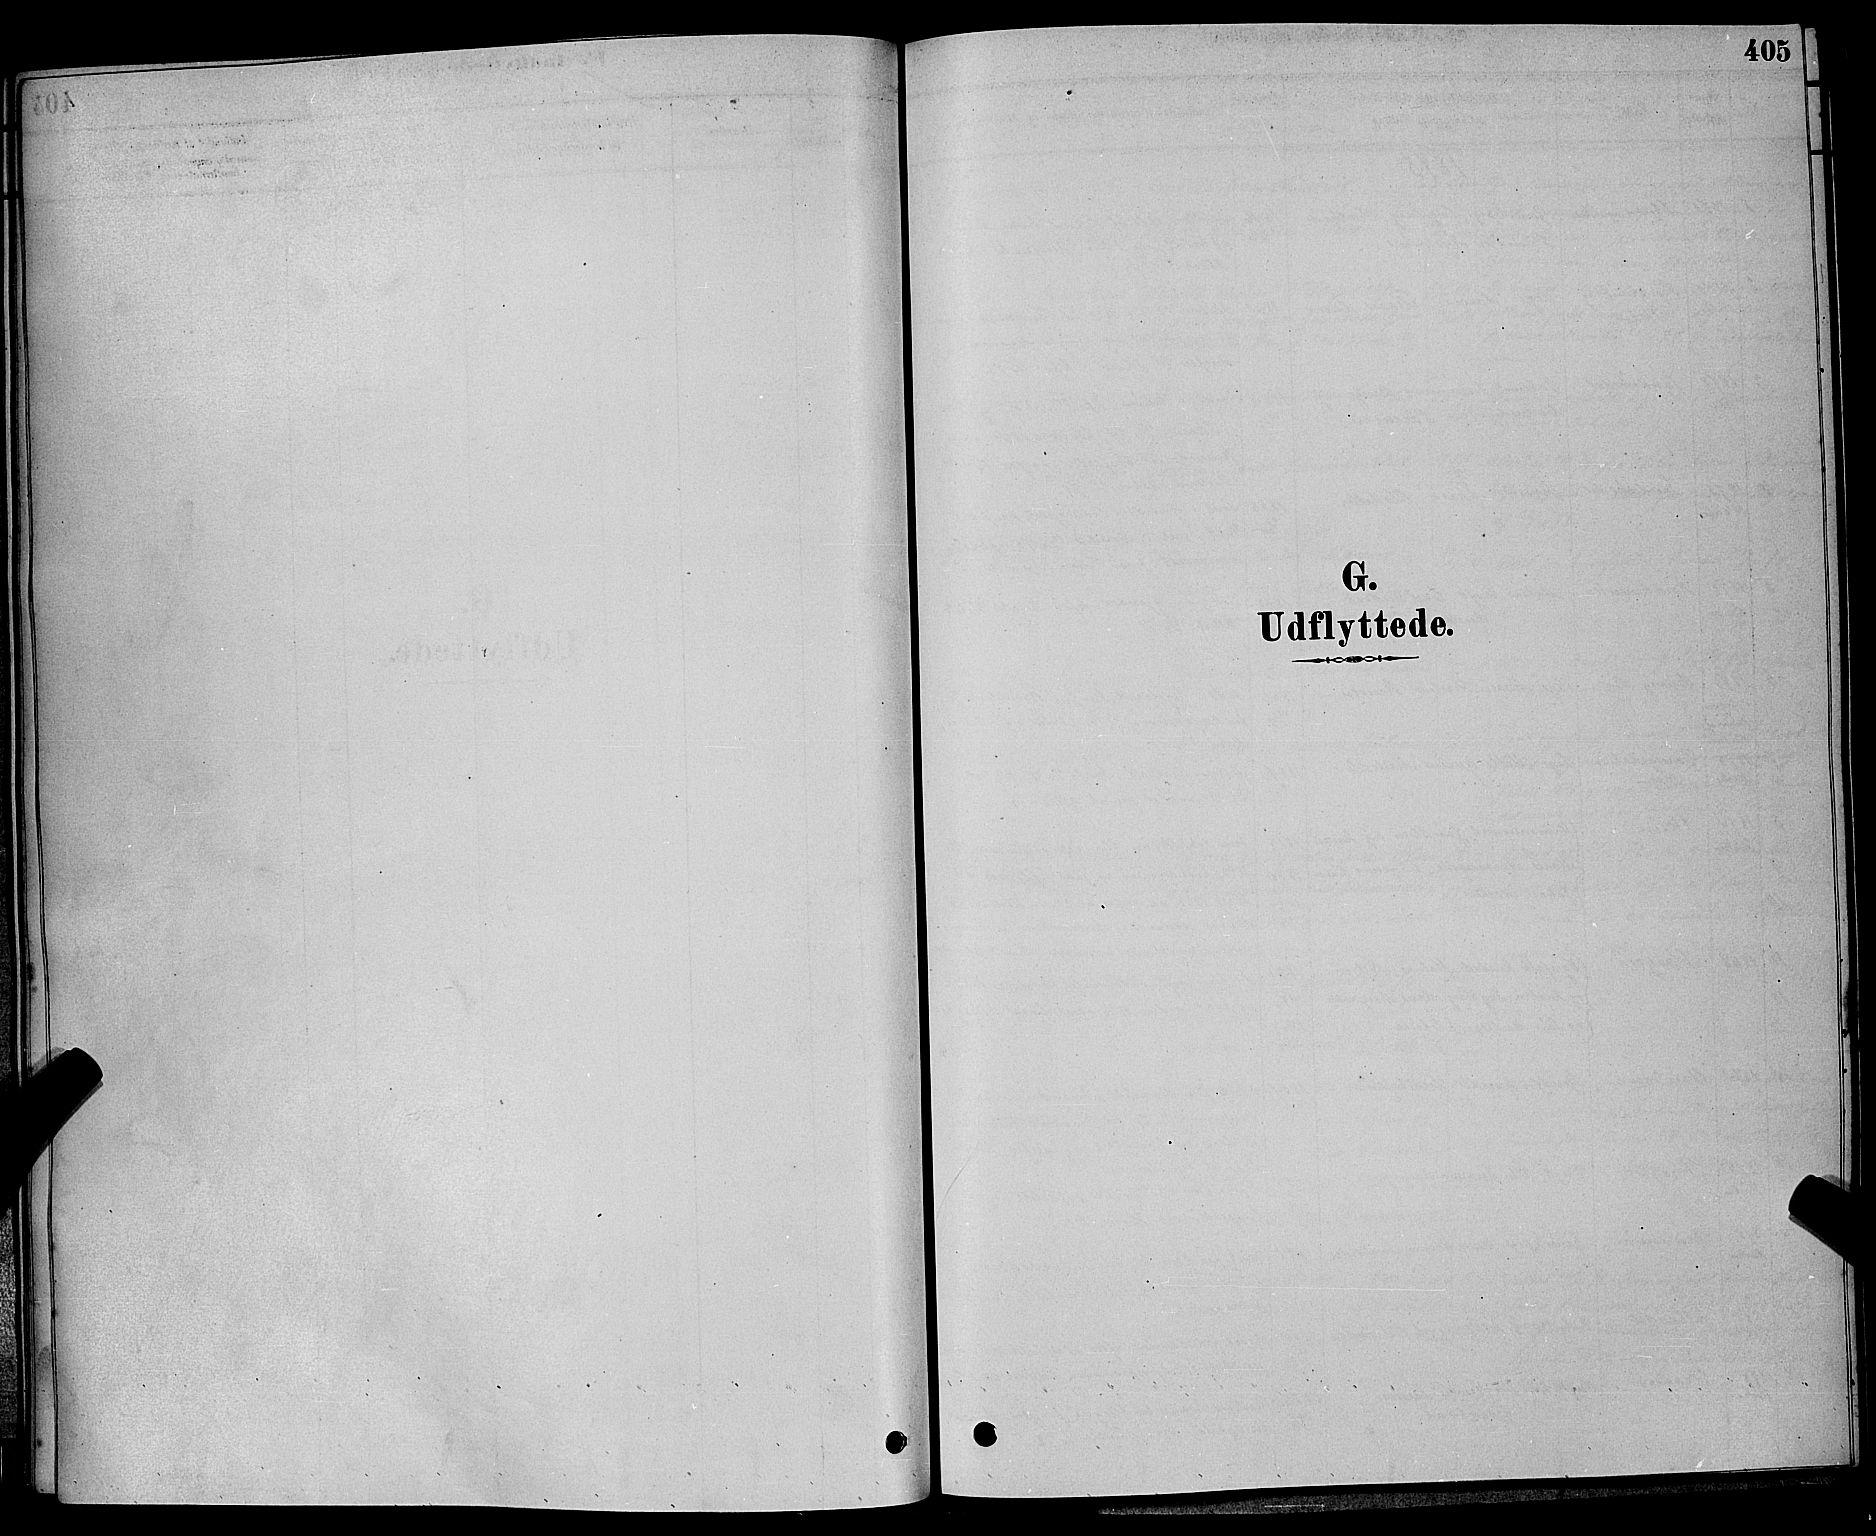 SAKO, Bamble kirkebøker, G/Ga/L0008: Klokkerbok nr. I 8, 1878-1888, s. 405